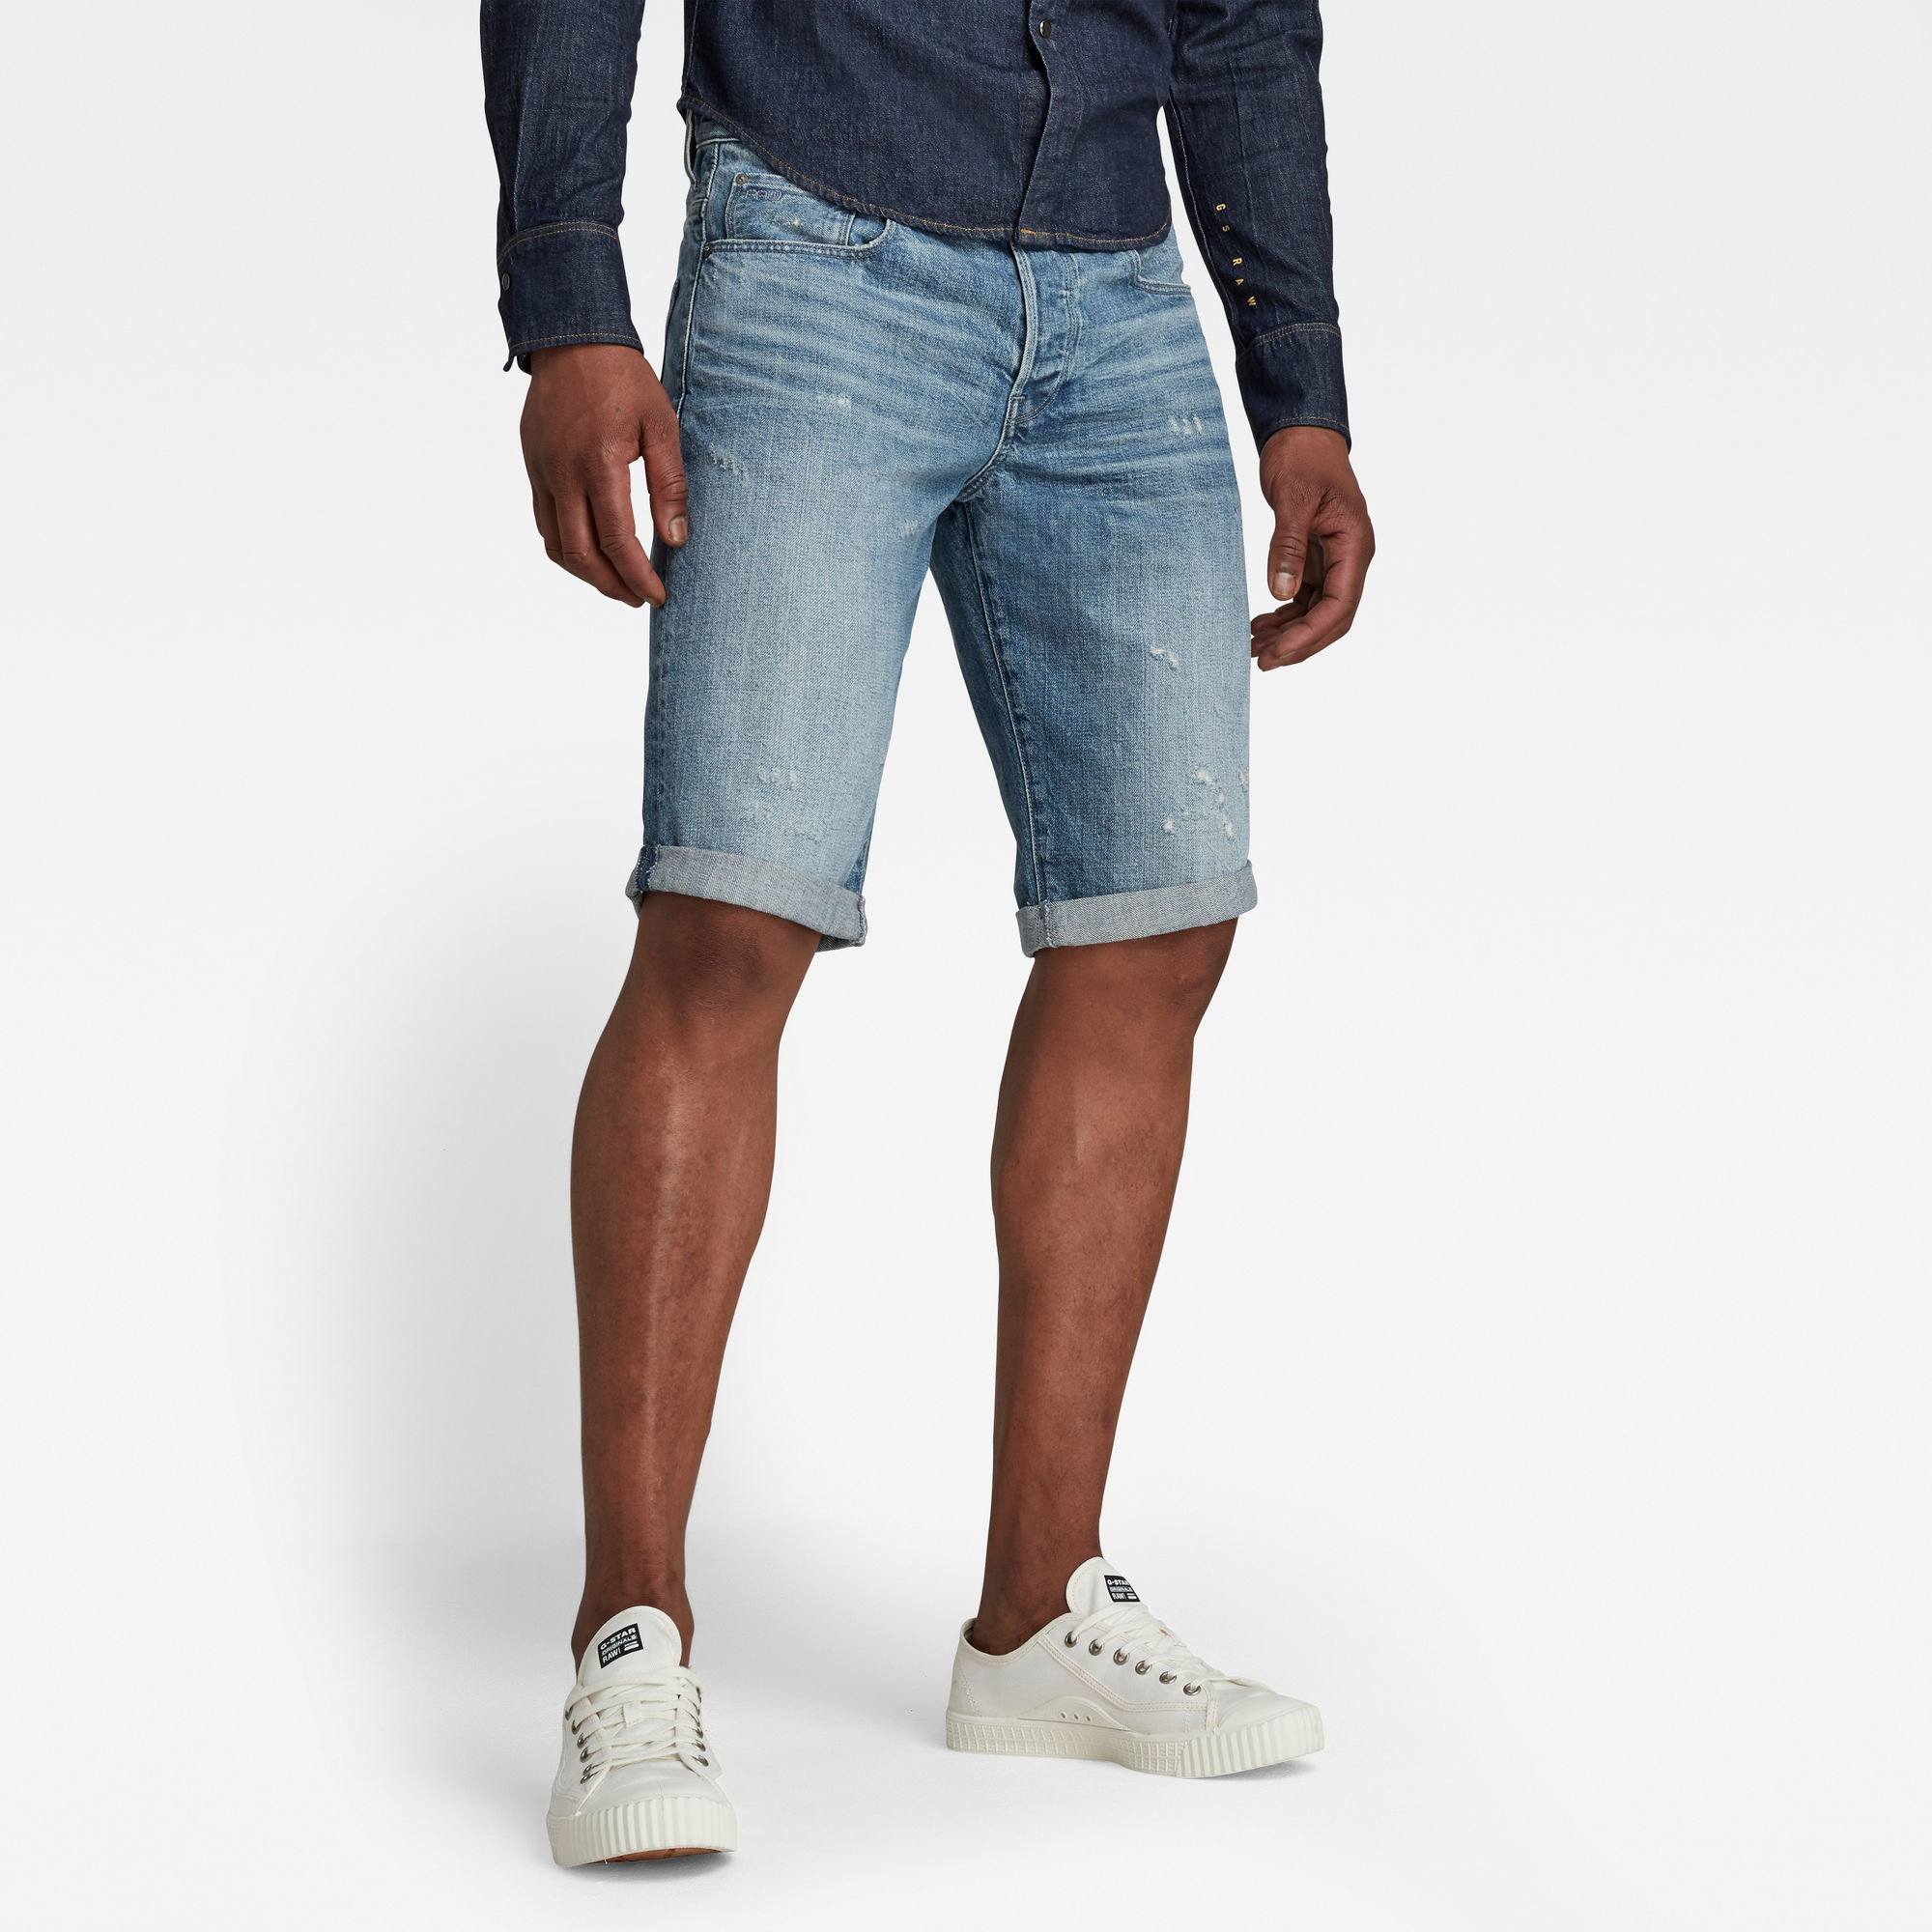 G-Star RAW Heren 3301 Denim Shorts Lichtblauw